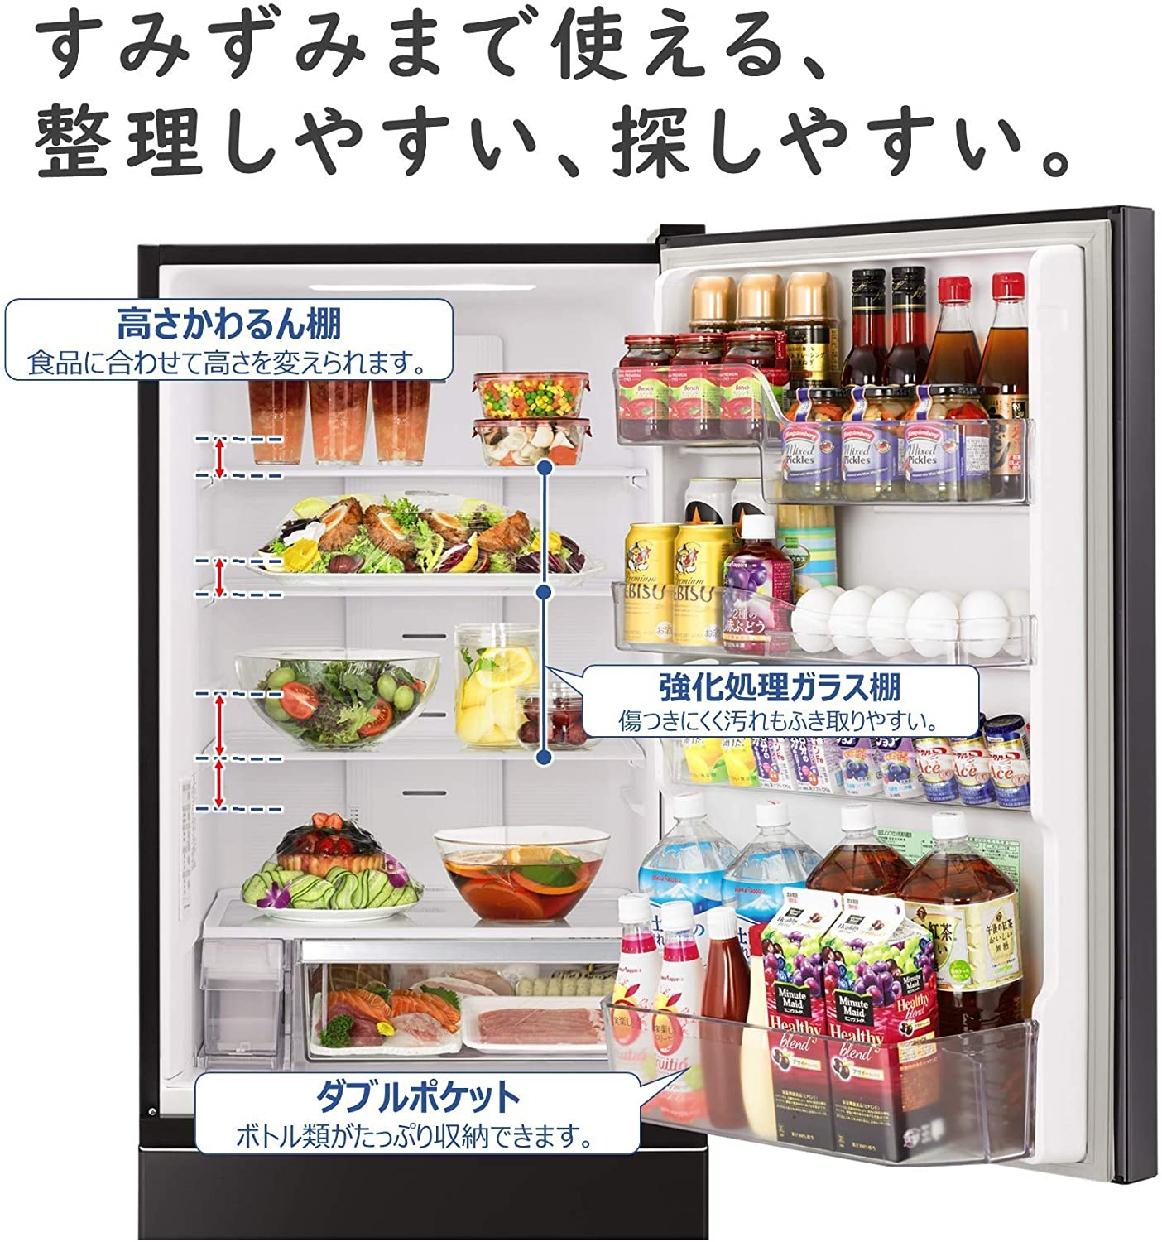 日立(ひたち)うるおいチルド 冷蔵庫 R-V38KVの商品画像5